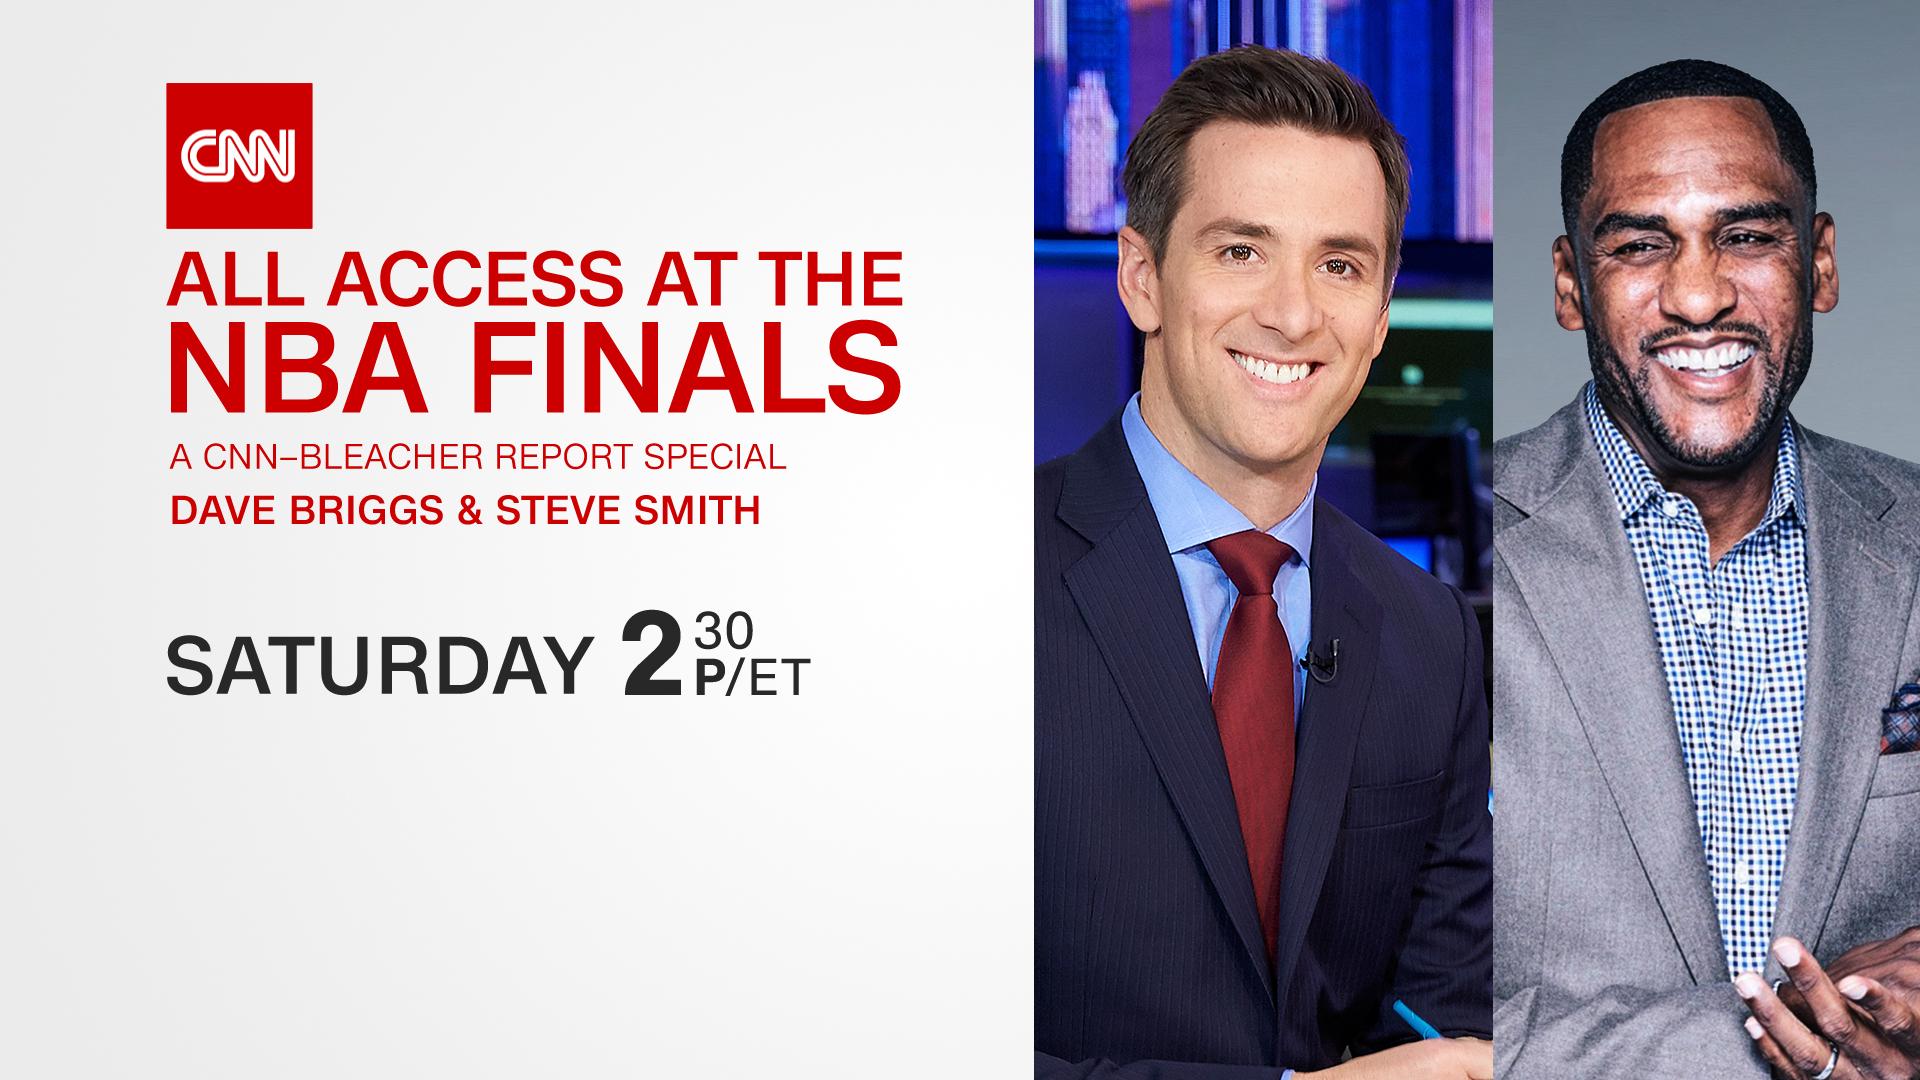 """CNN PRESENTS """"All Access at the NBA Finals: A CNN-Bleacher Report Special"""""""